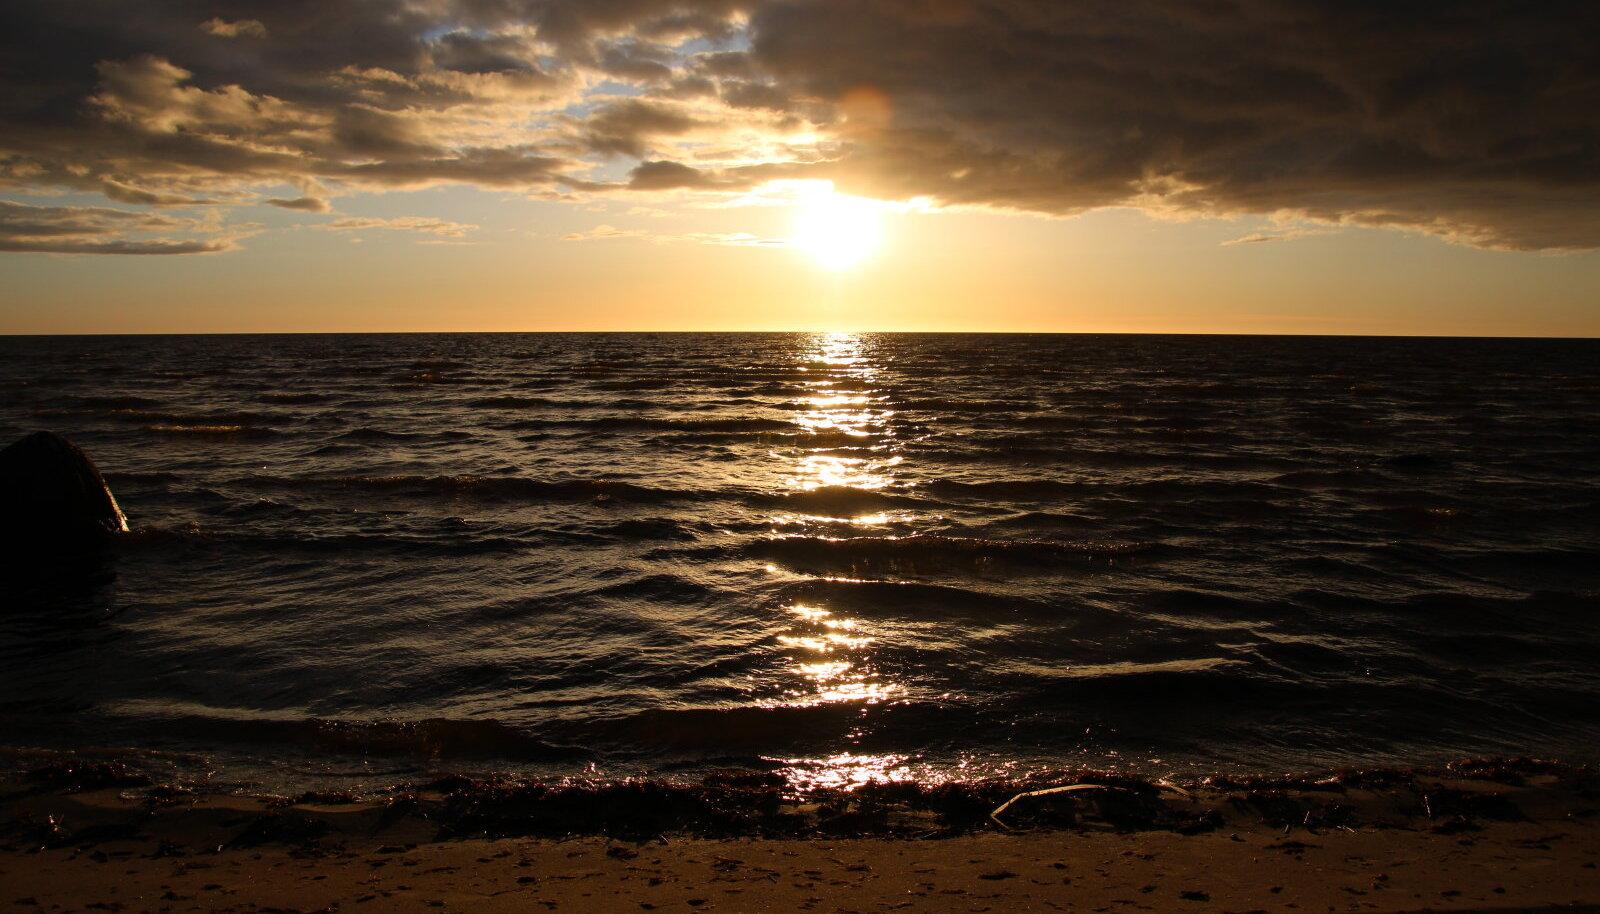 Kabli loodusraja retke lõpetuseks võib nautida kaunist päikeseloojangut Kabli rannas